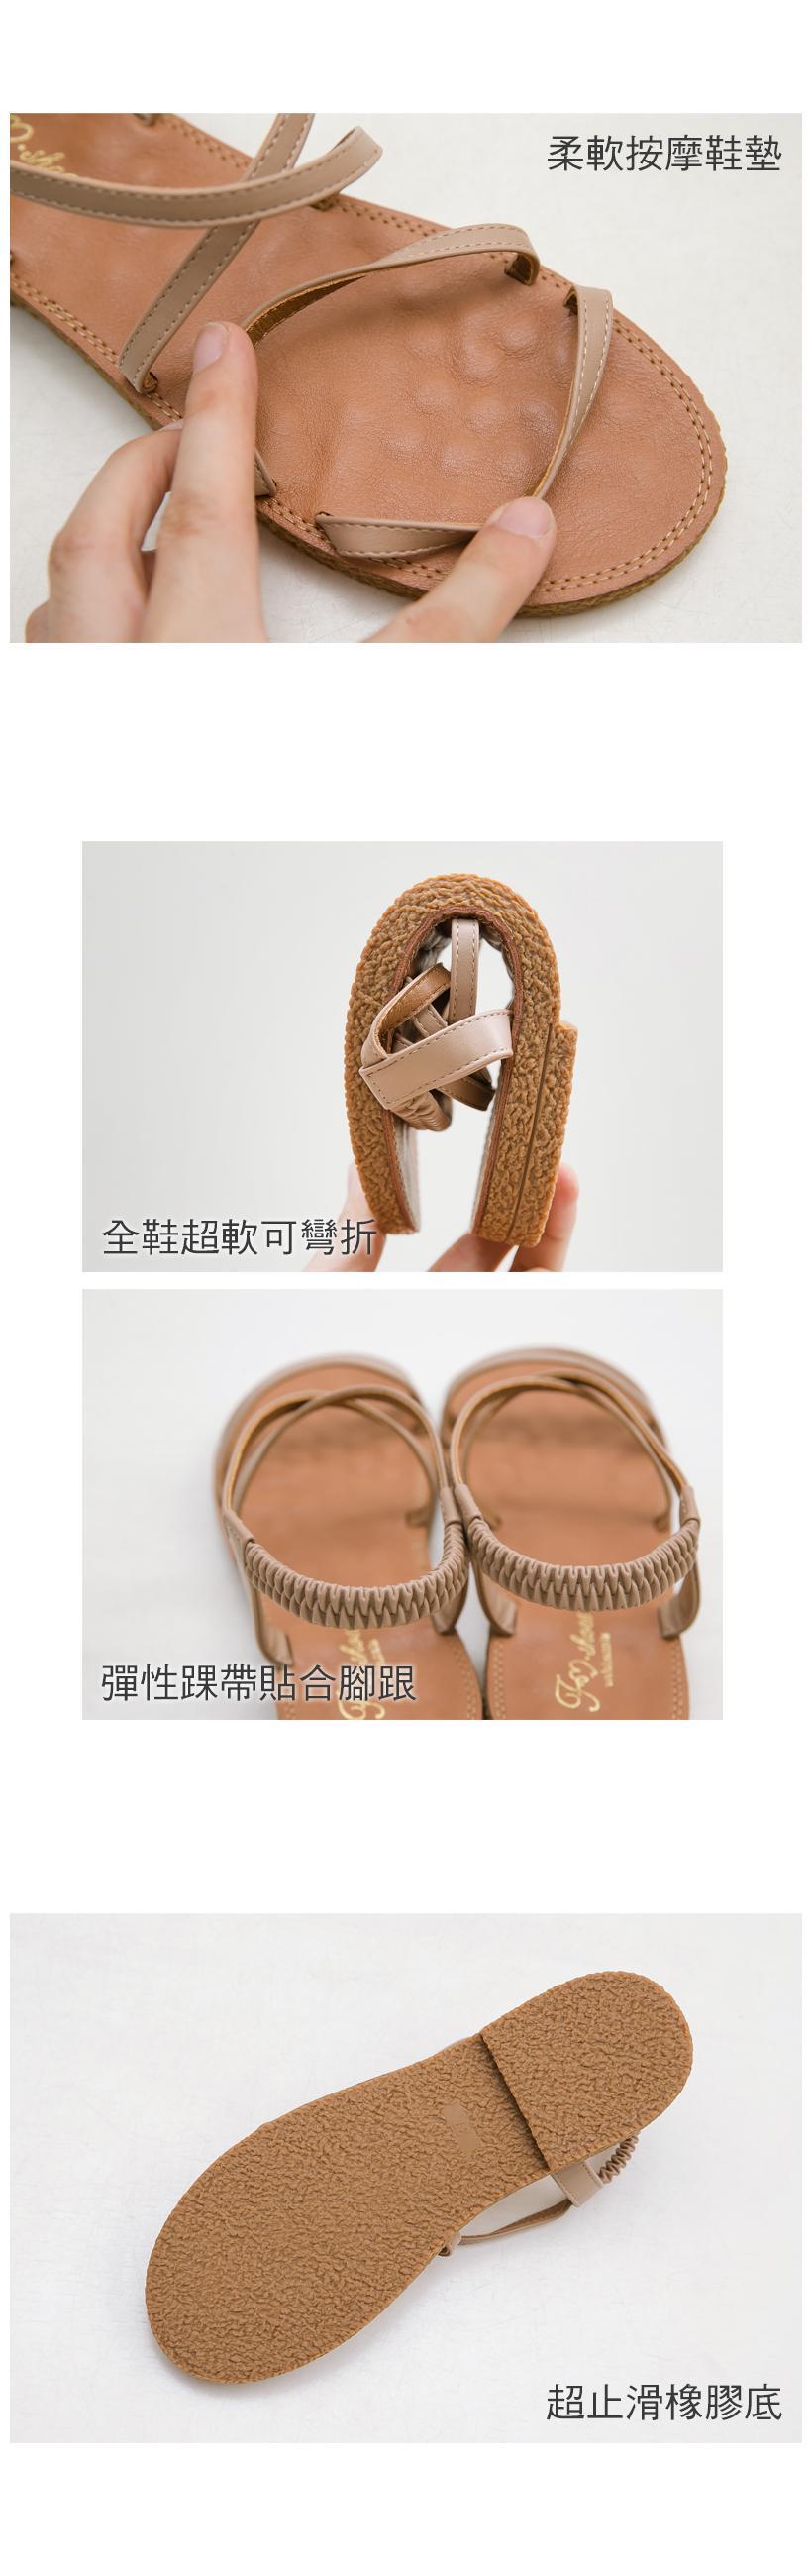 韓-雙細帶按摩墊涼鞋-大尺碼